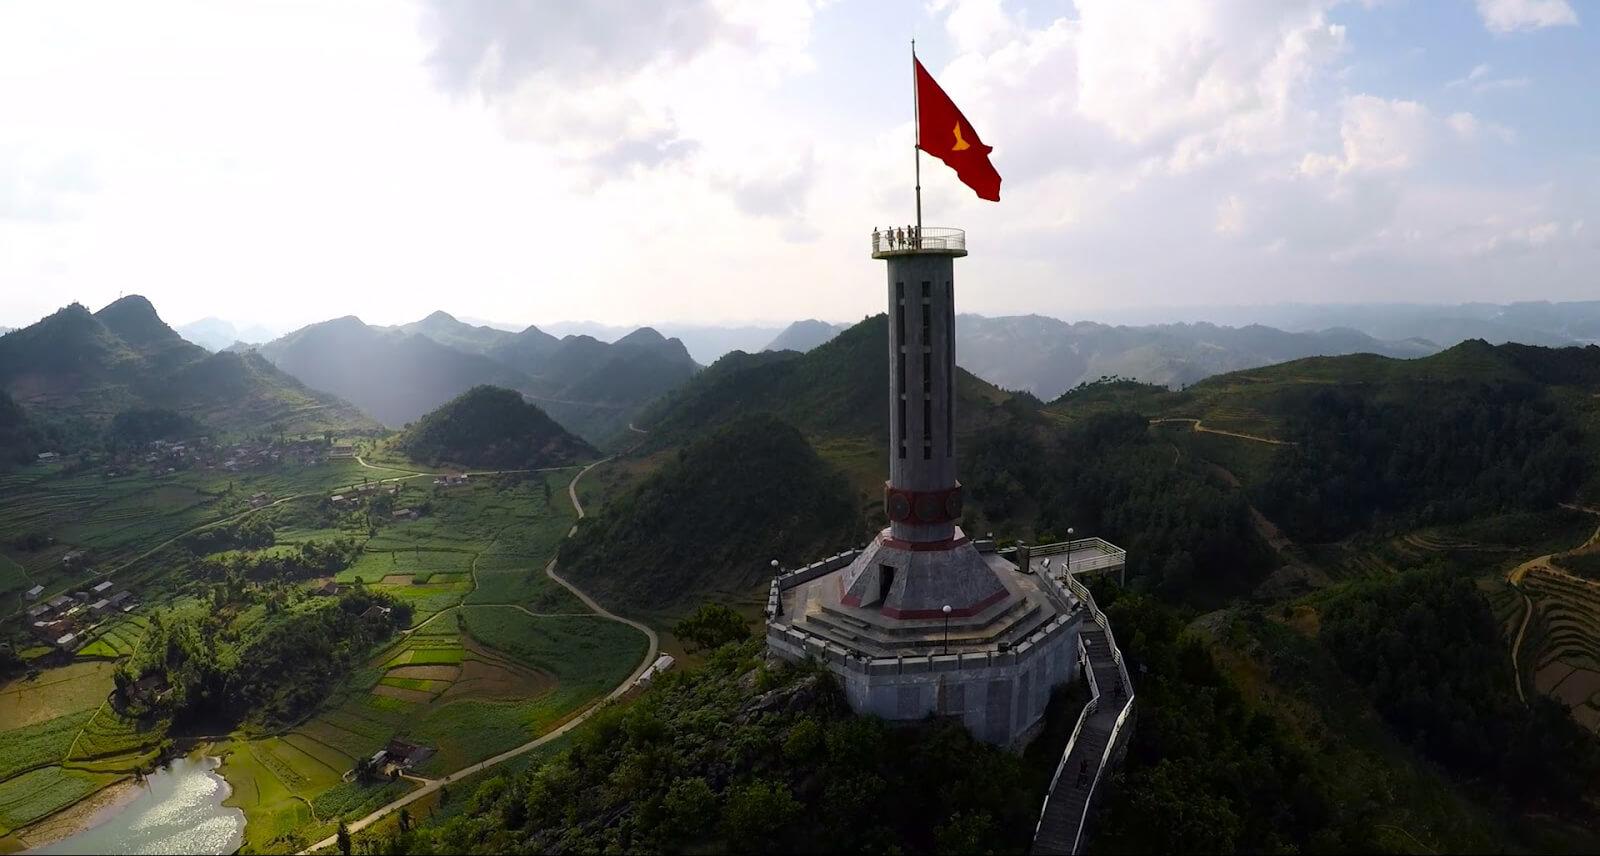 Hướng tới cột cờ Lũng Cú - Cực điểm của đất nước